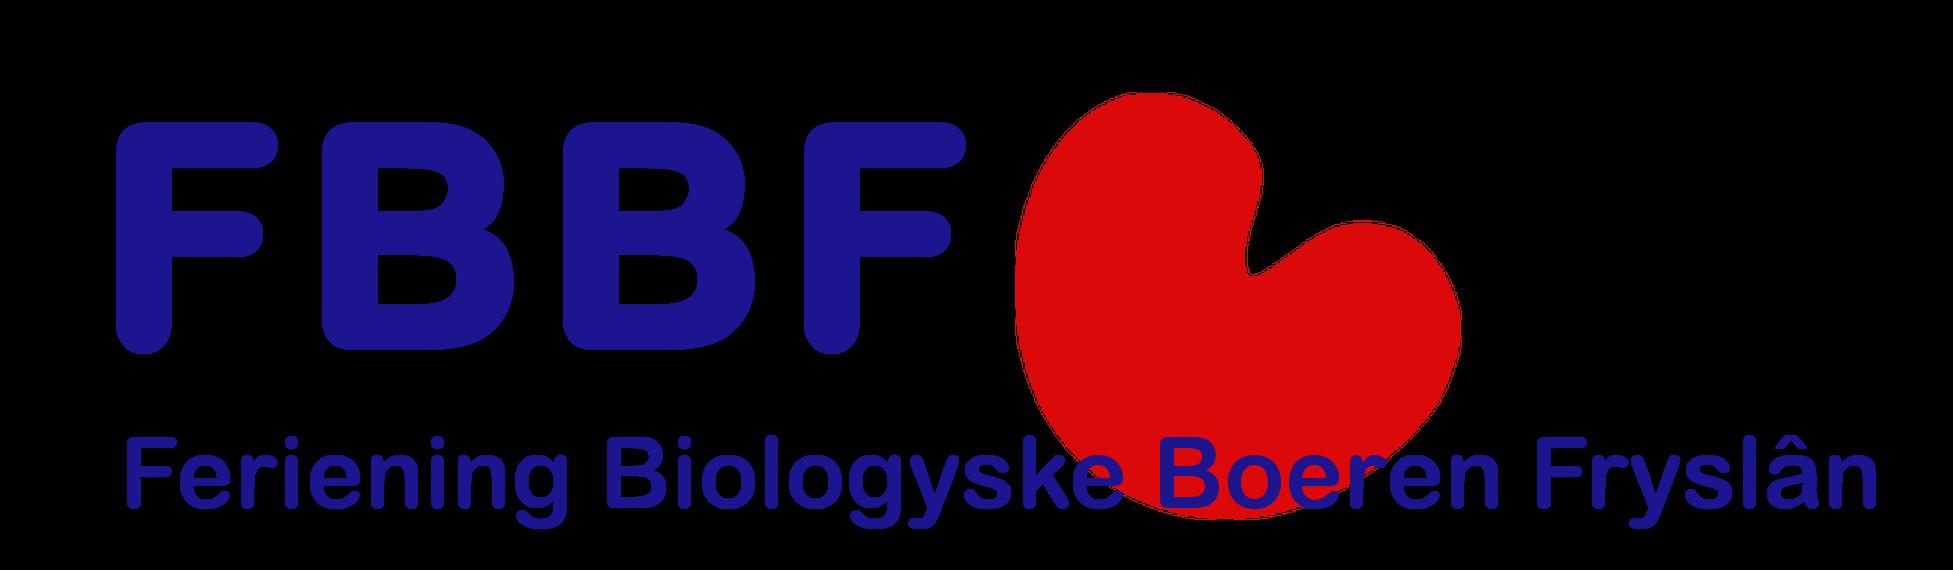 Feriening Biologyske Boeren Fryslân